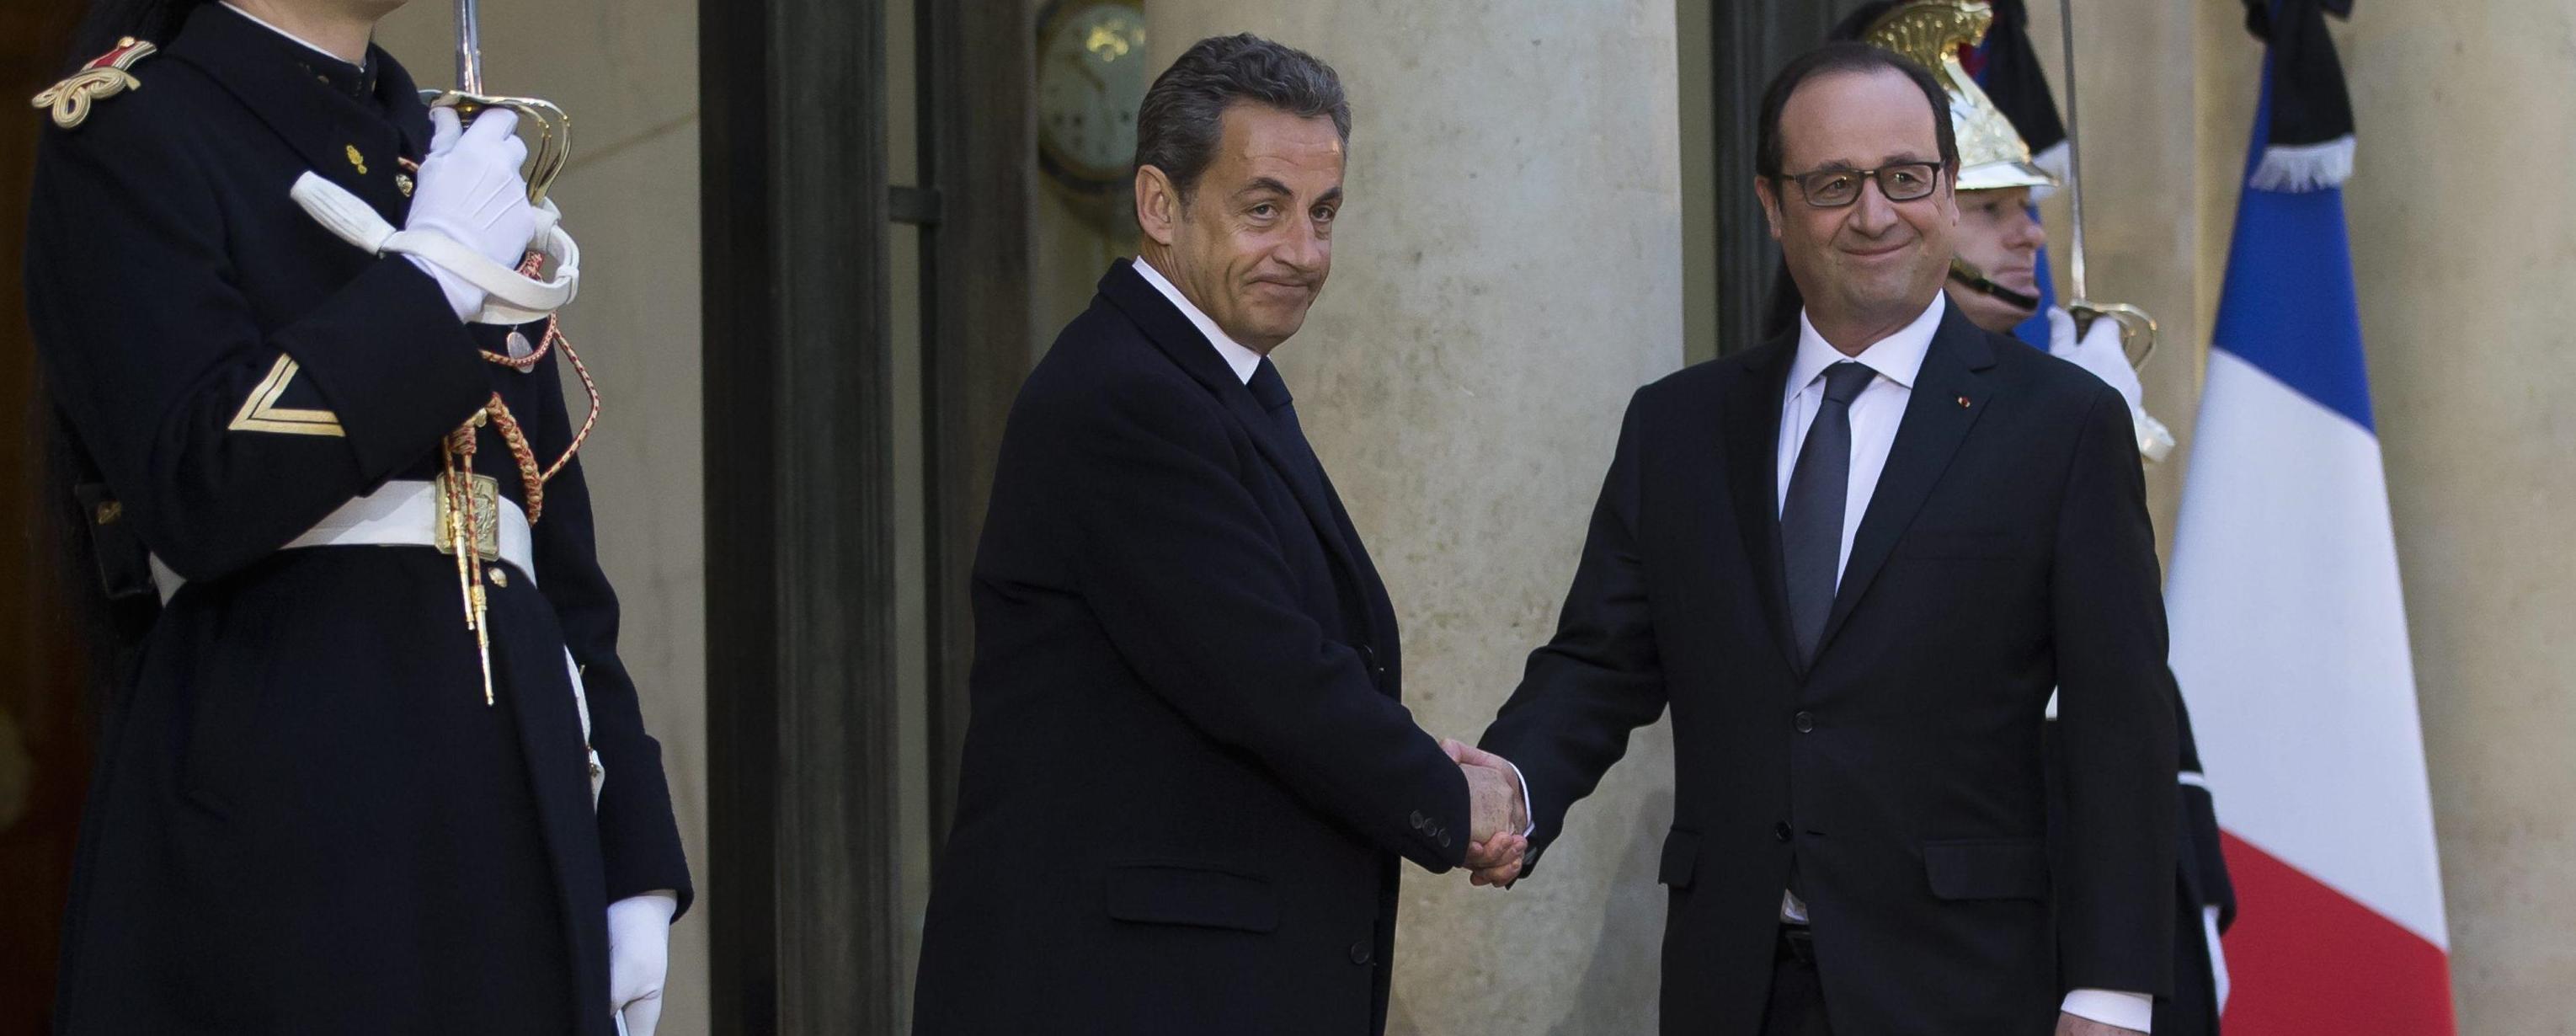 Sarkozy e Hollande